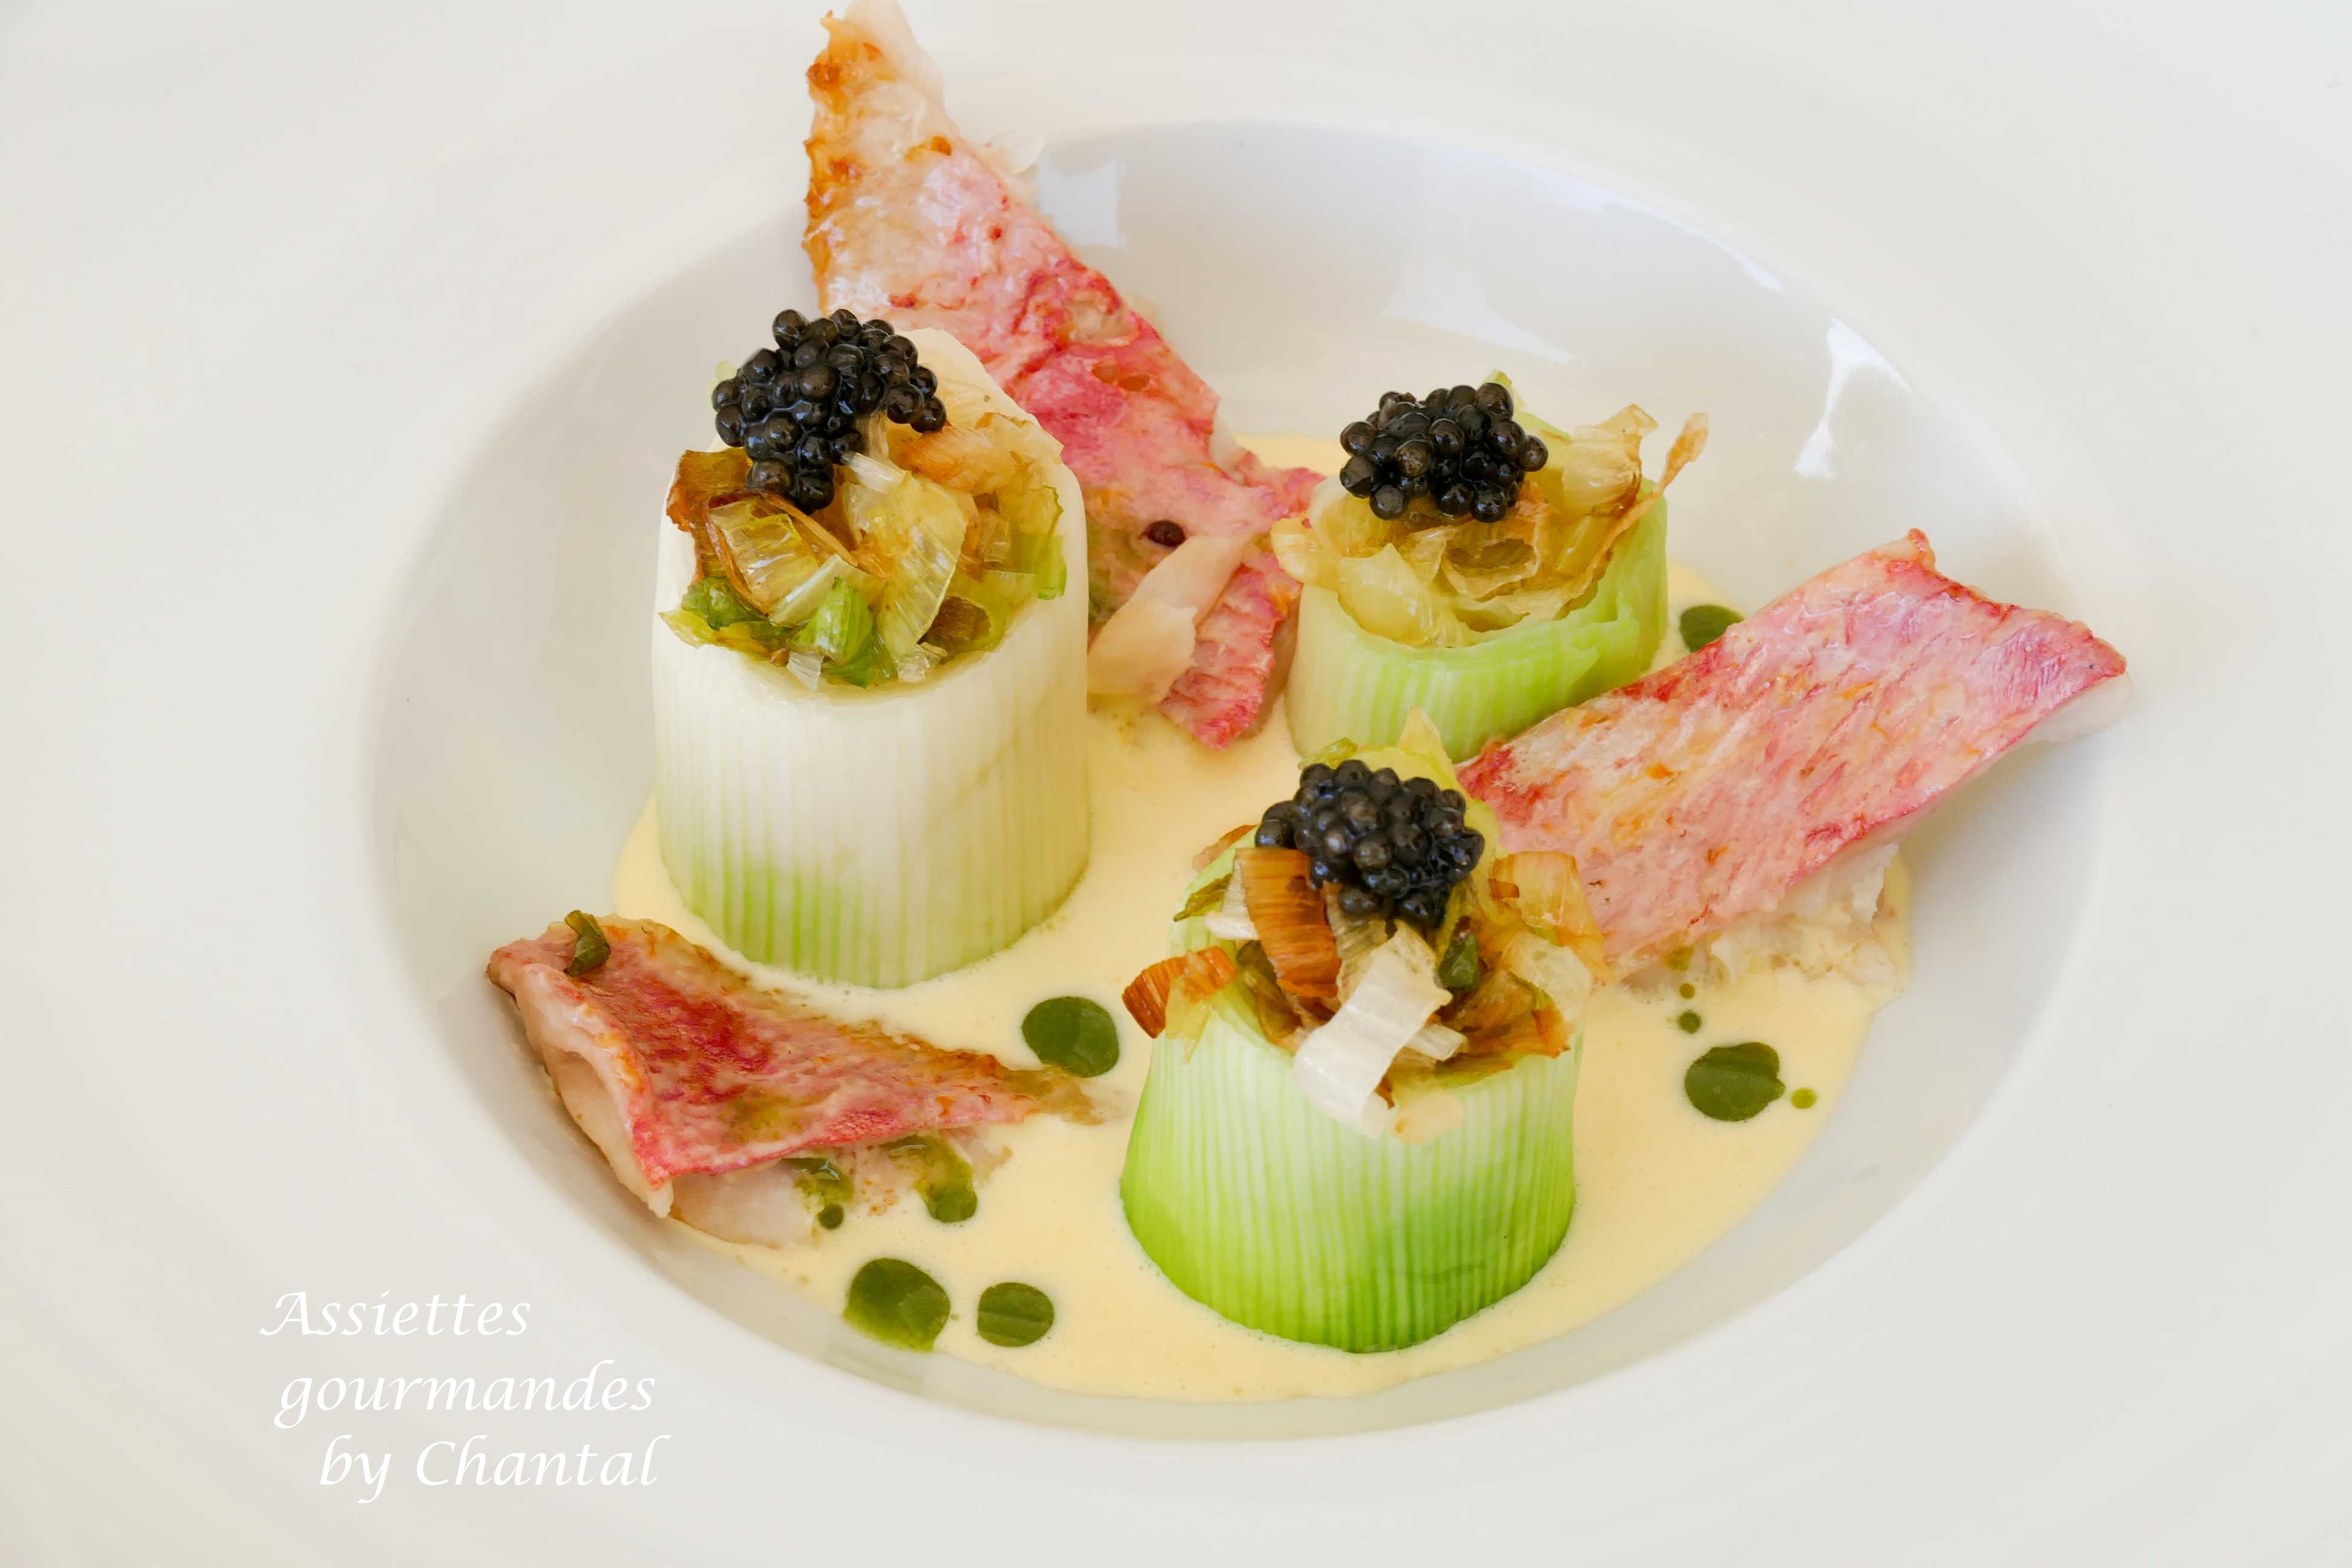 Rougets, poireaux et lait de poule, caviar - Recette inspirée par Gaëtan Gentil